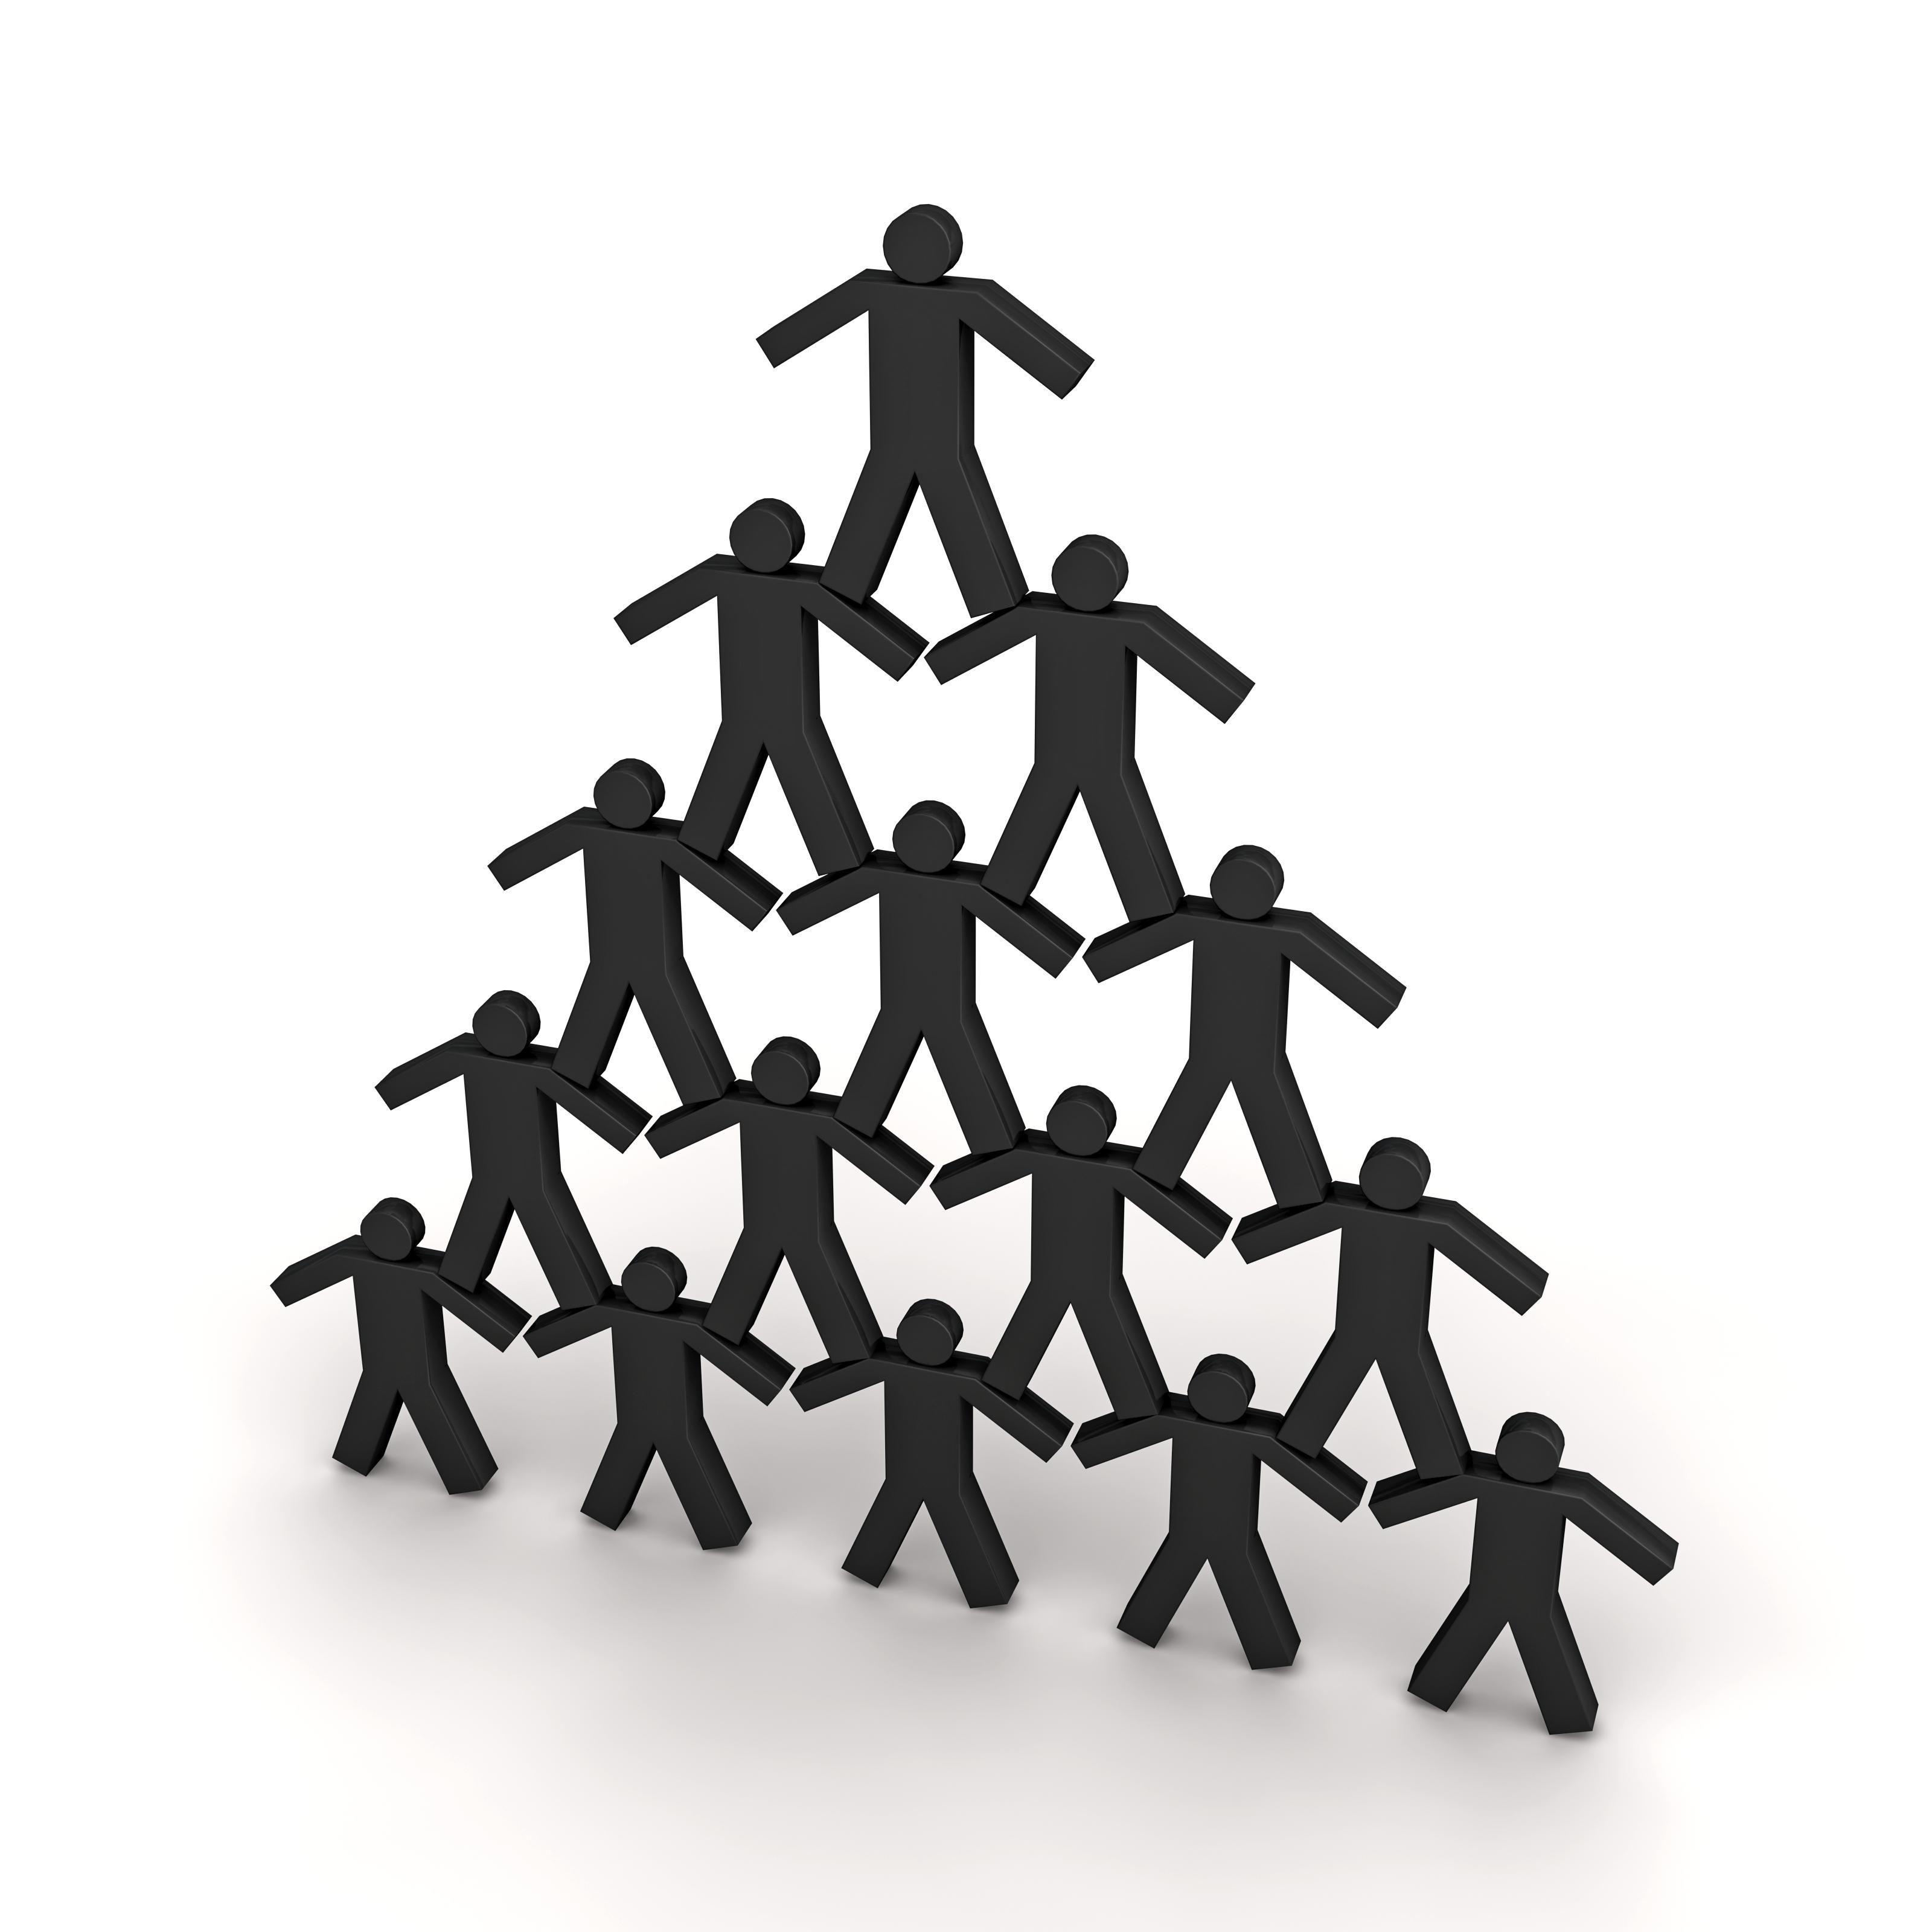 person pyramid